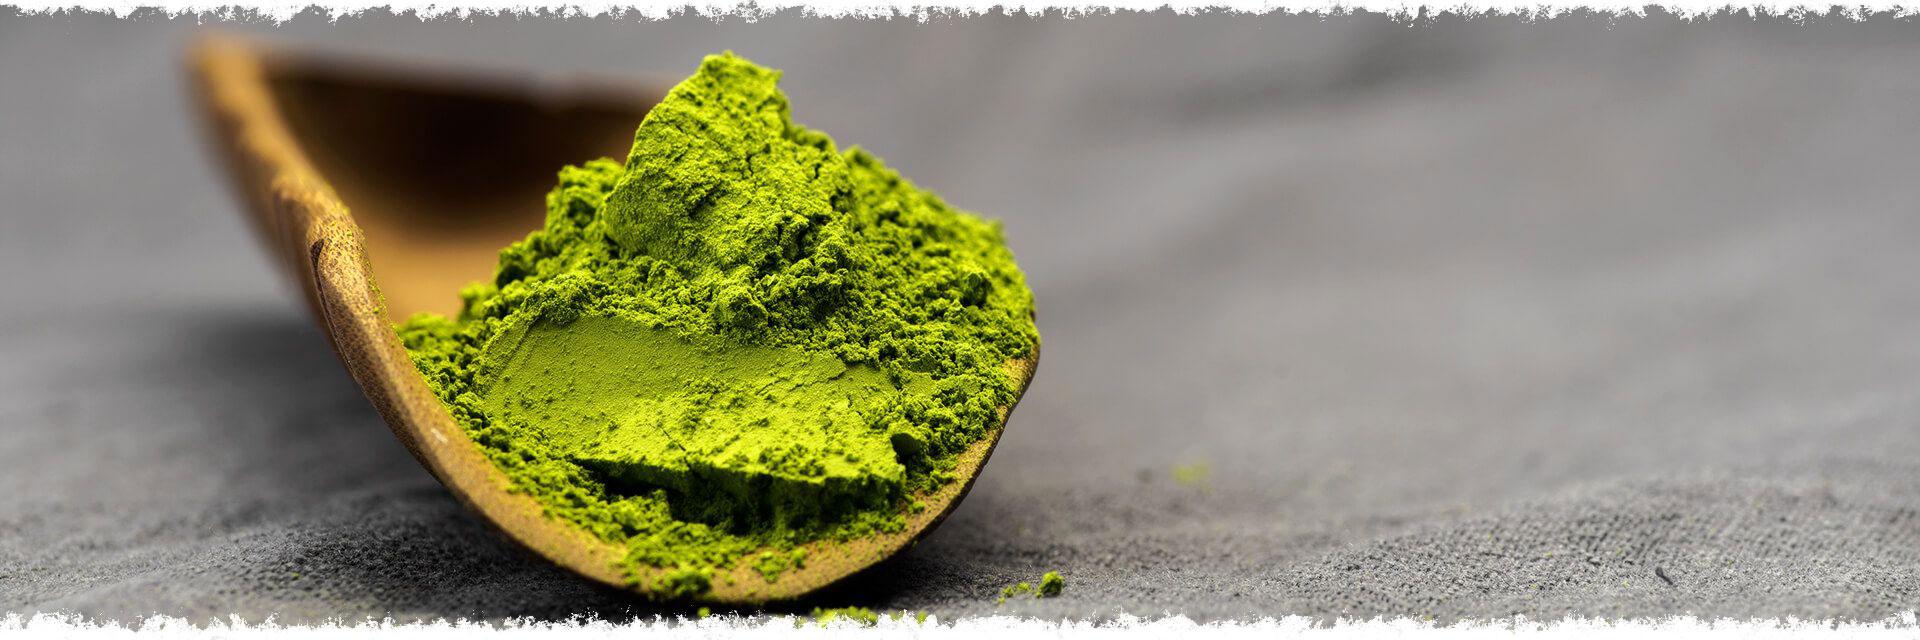 Panna cotta aux fraises, parfumée au thé vert en poudre type Matcha.